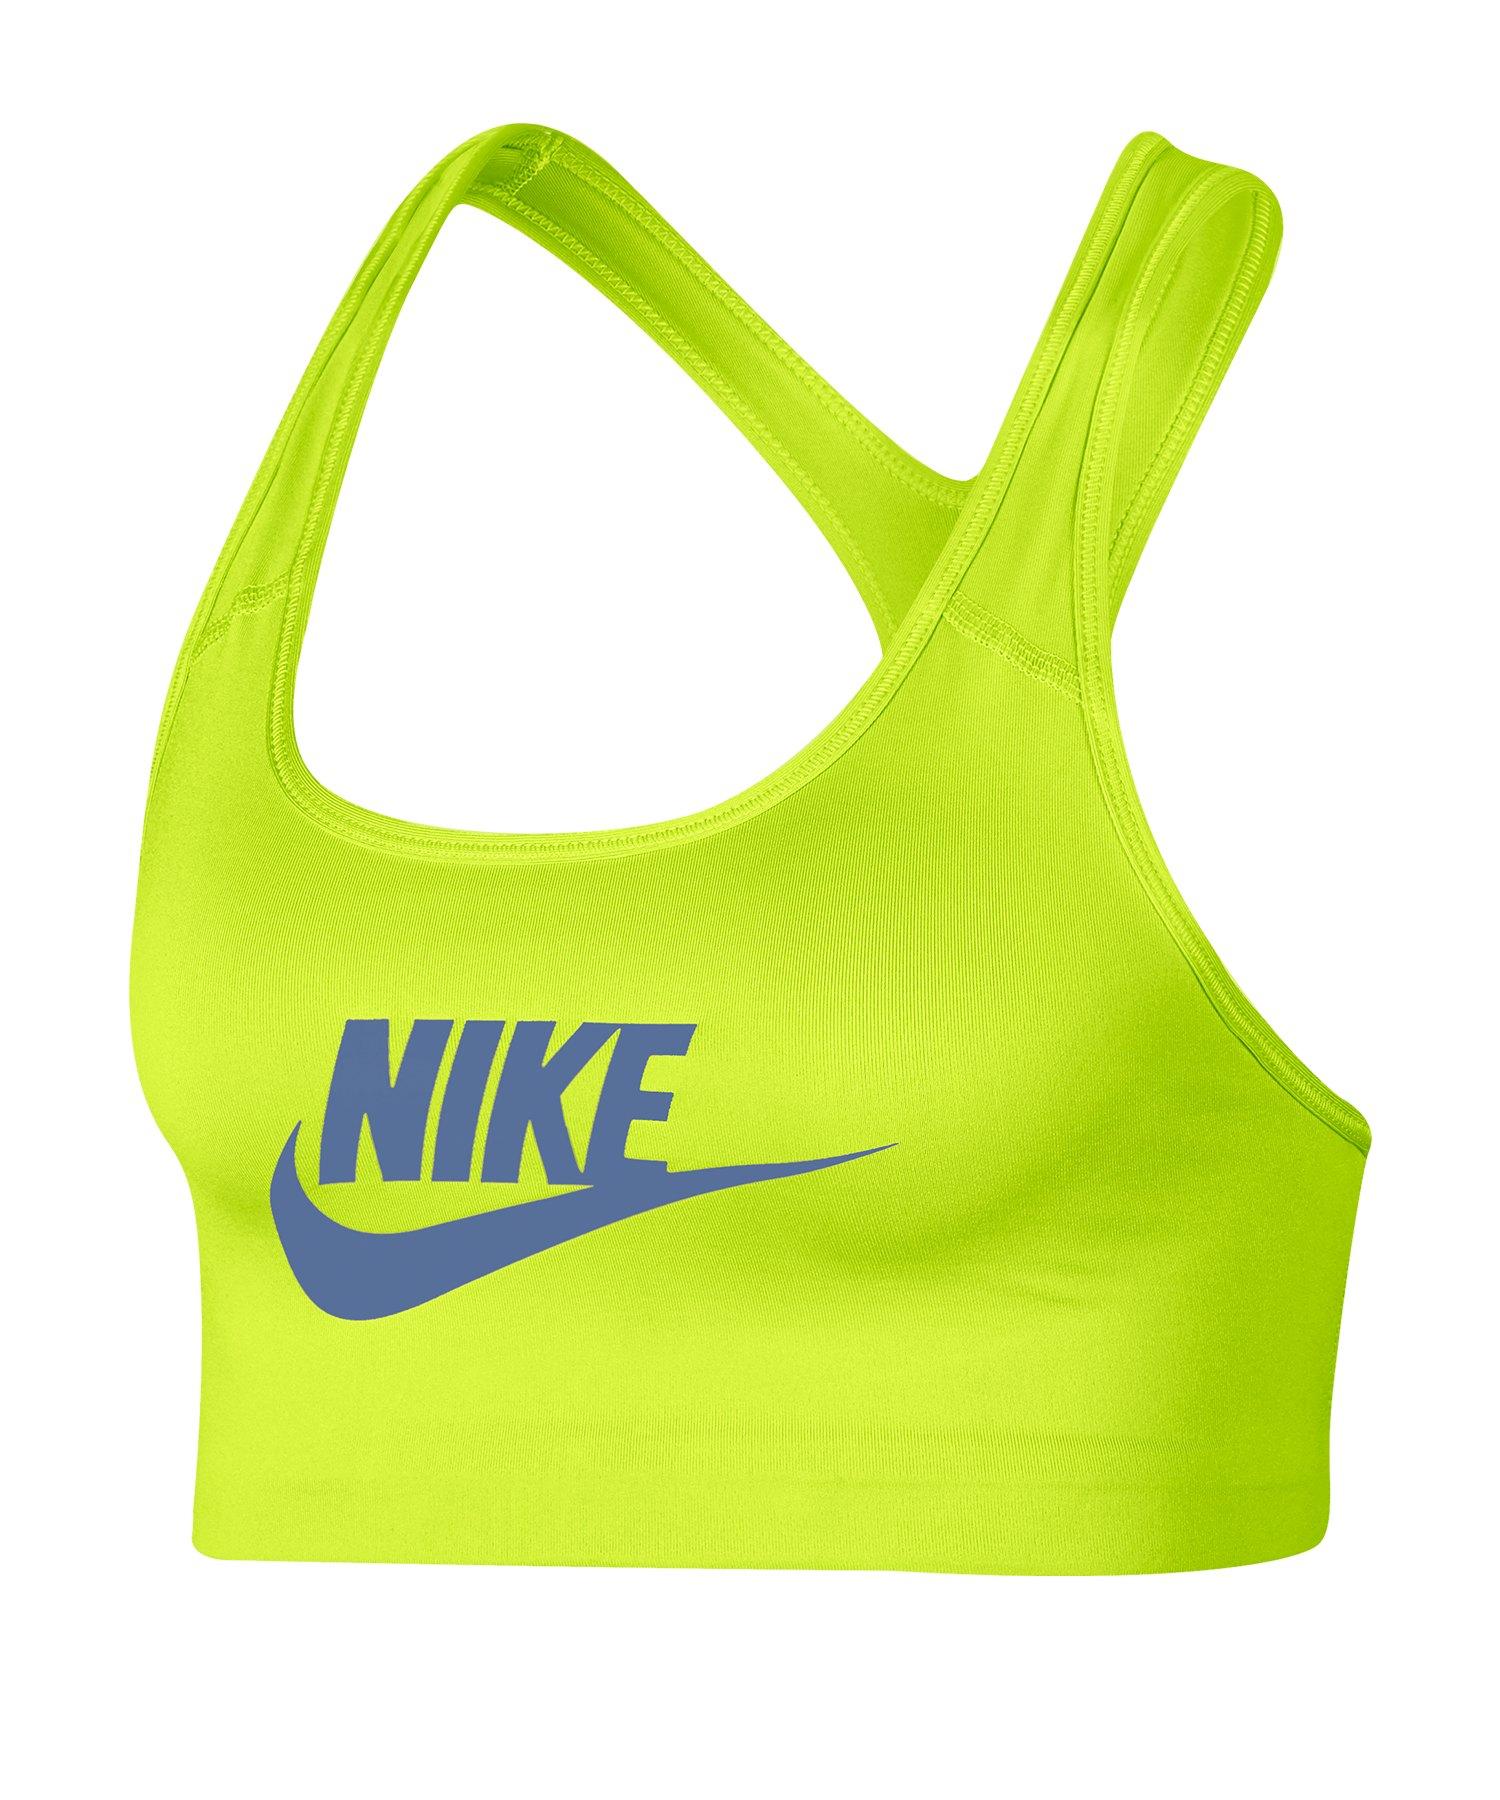 Nike Swoosh Futura Bra Sport-BH Gelb F389 - Gruen